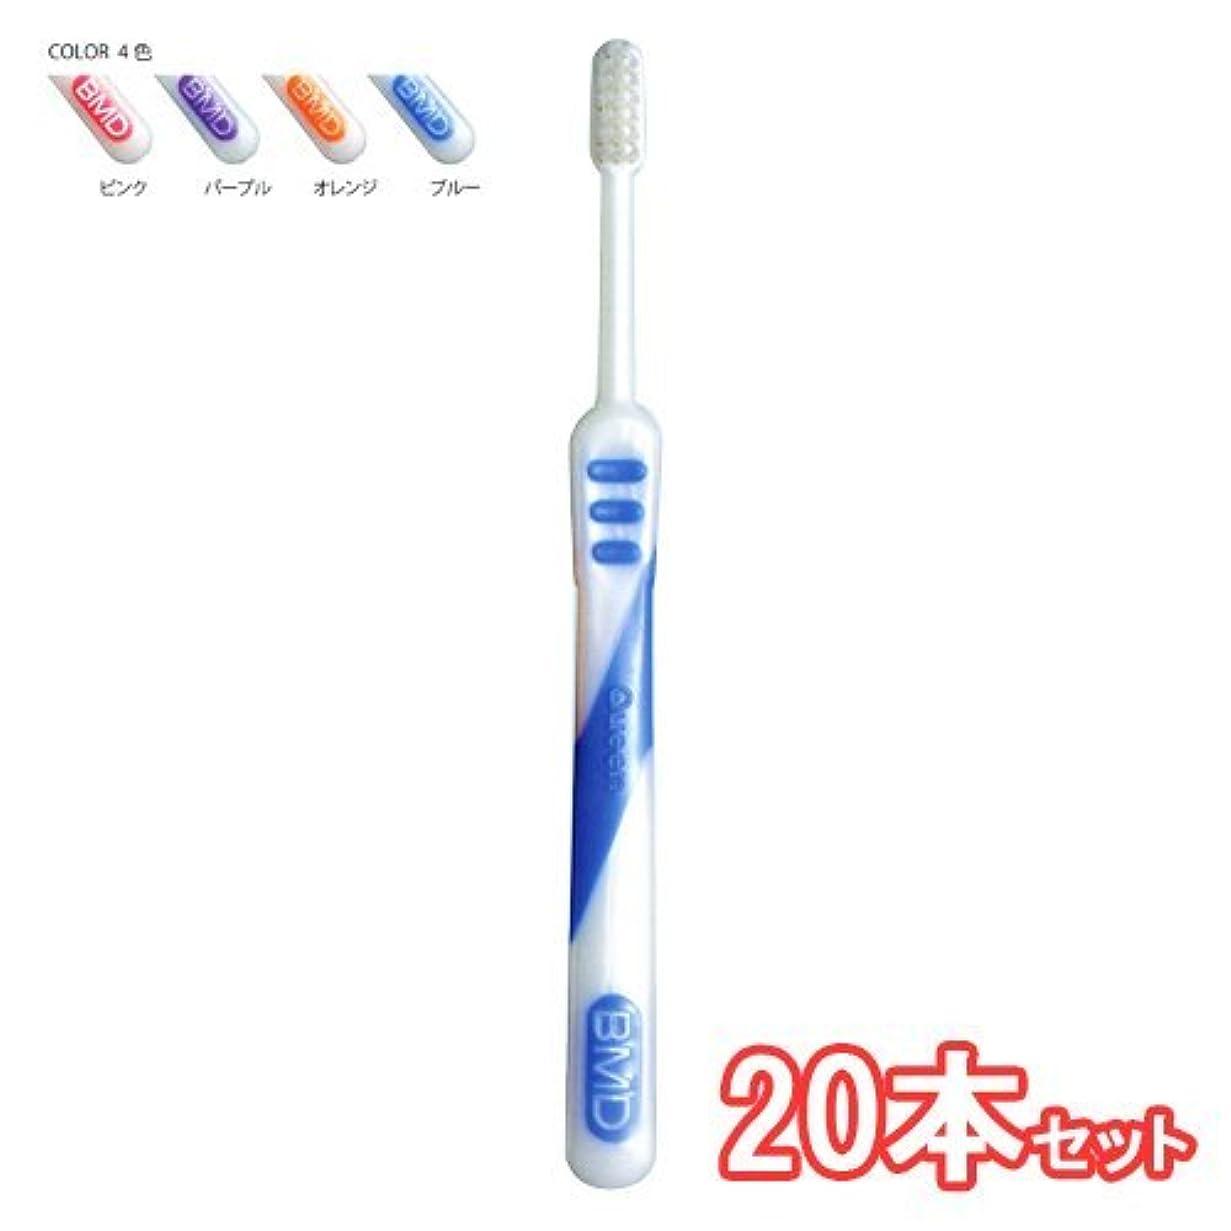 修正ワット気づくビーブランド ビークイーン 歯ブラシ 20本入 105